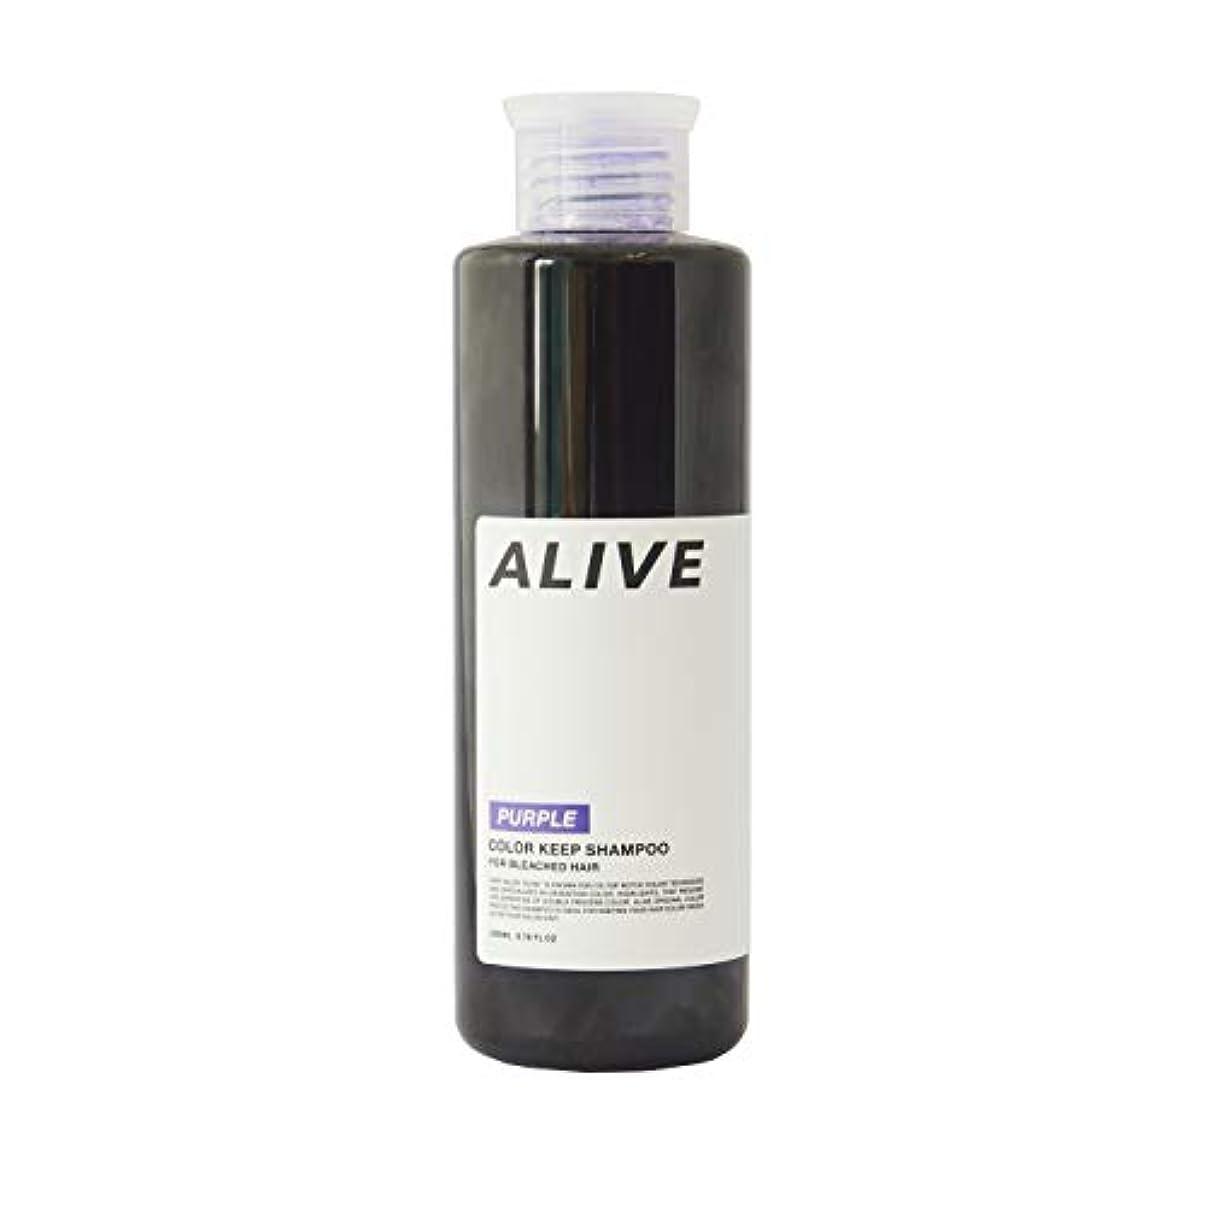 怒り嫌がらせの中でALIVE アライブ カラーシャンプー 極濃 紫シャンプー 200ml ムラサキ パープル ムラシャン ムラサキシャンプー